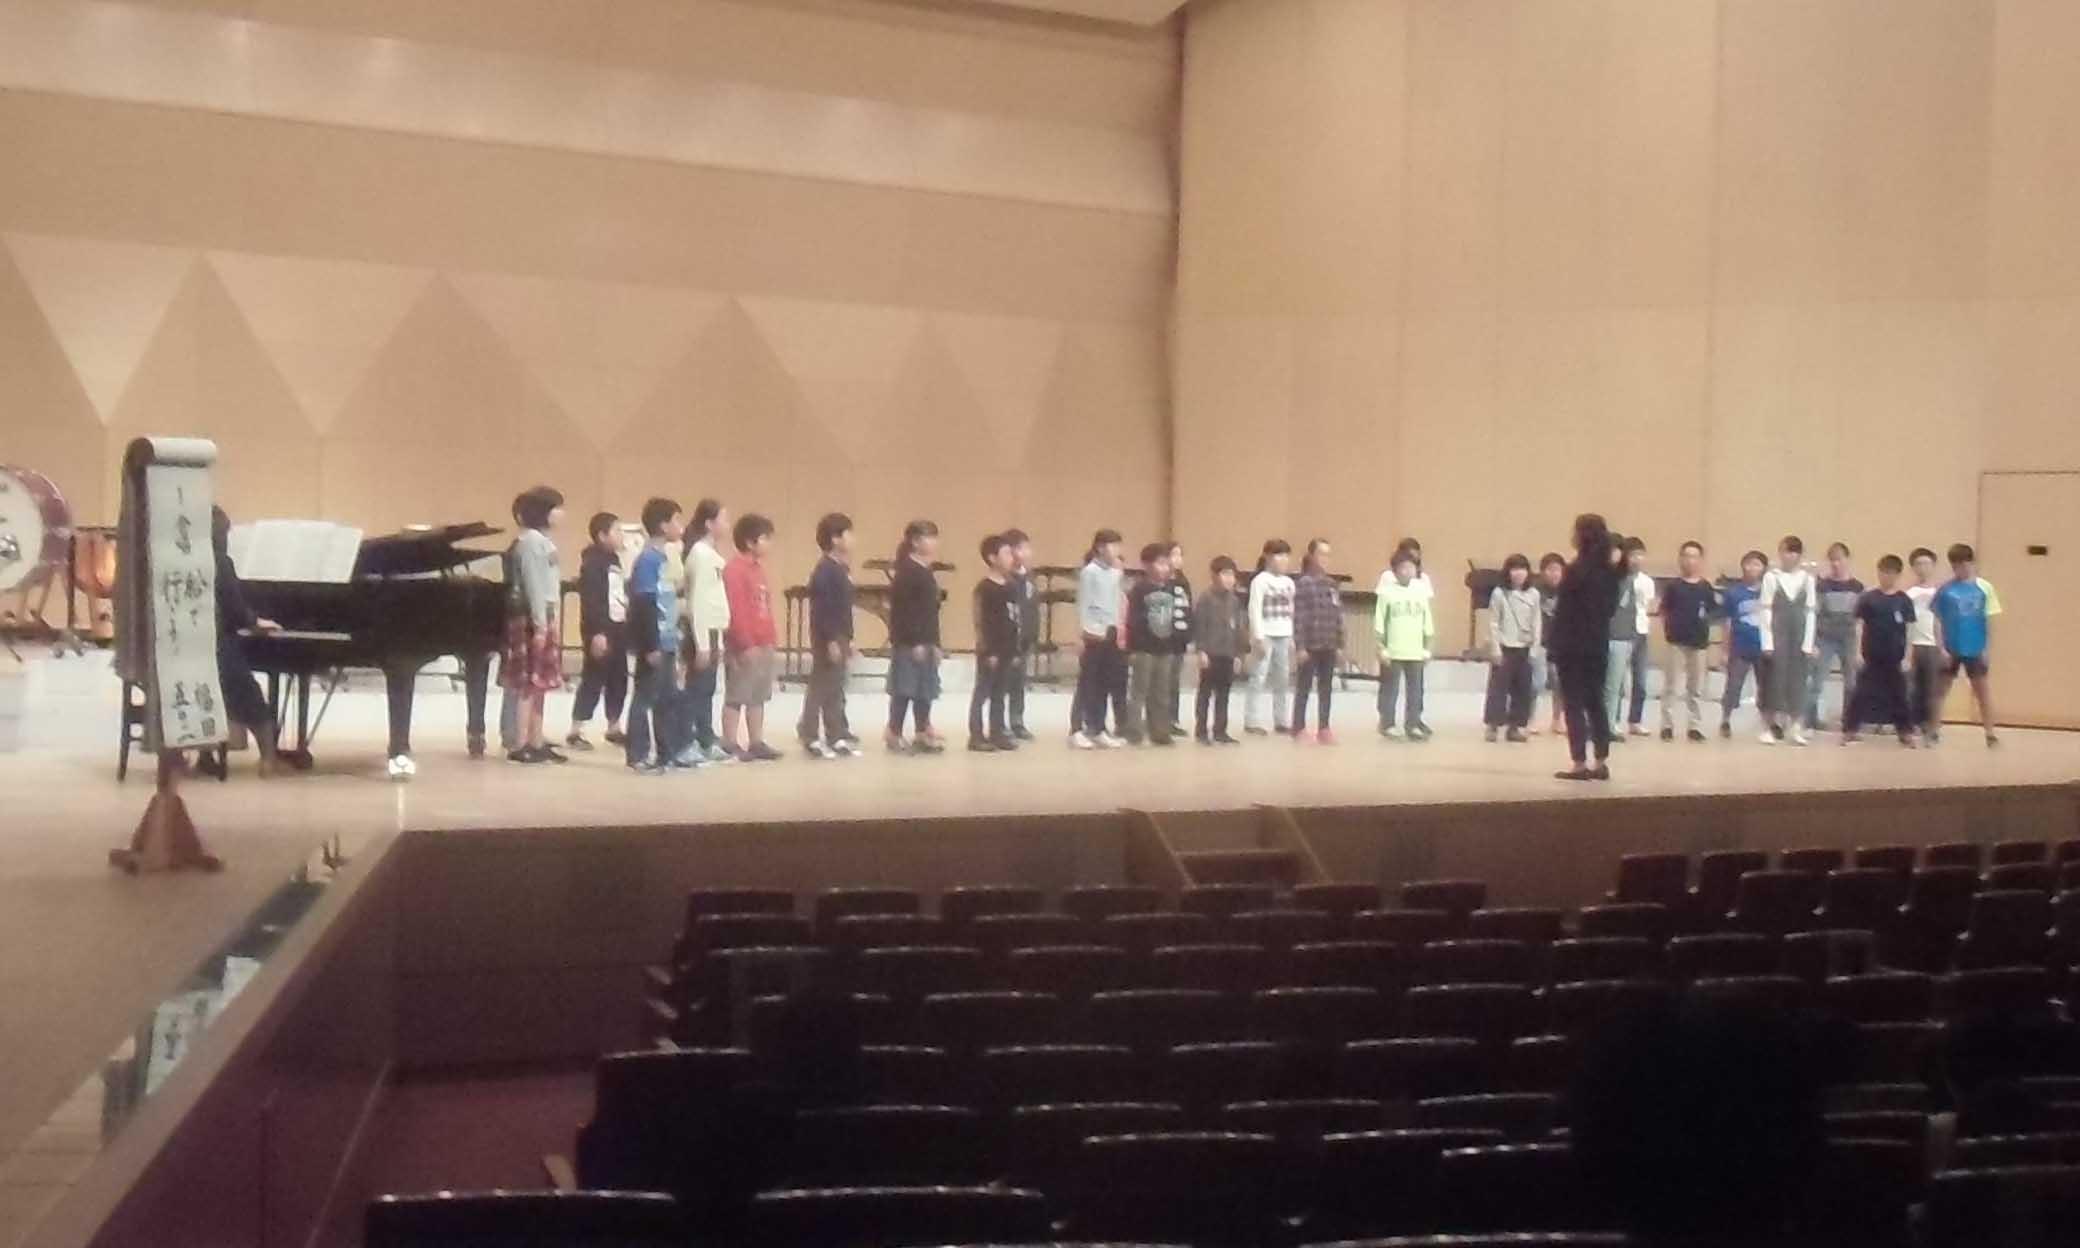 小音会があります。第72回長崎市小学校音楽会 11月27日(火)から29日(木)まで